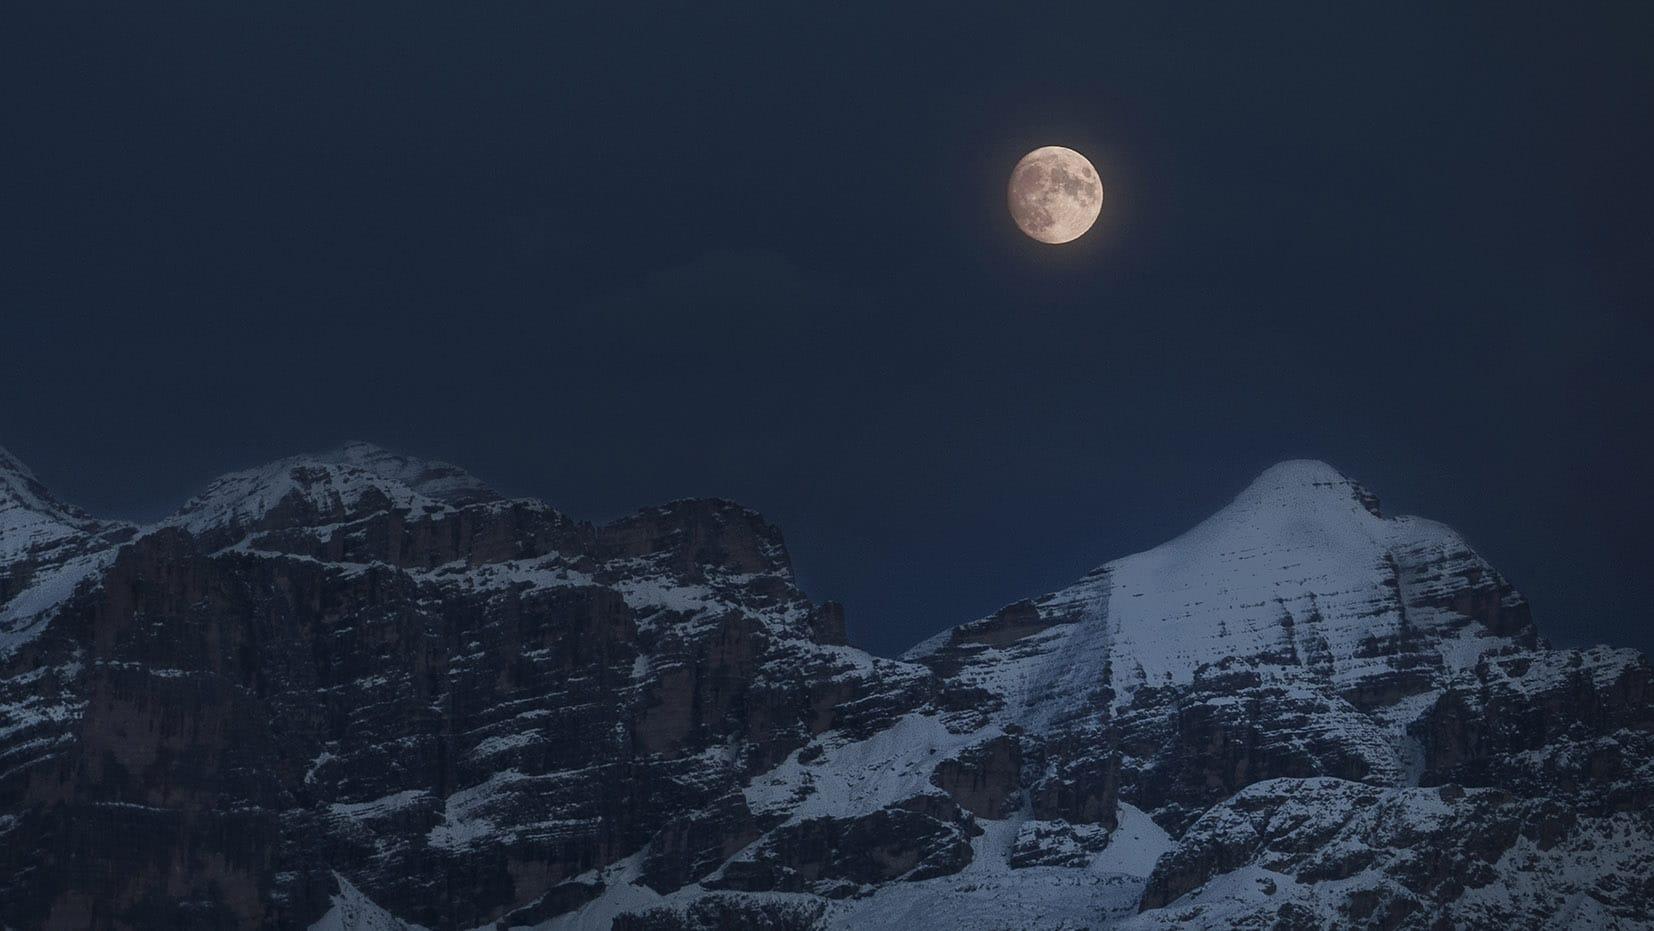 Une semaine dans les Dolomites pleine lune nuit montagnes neige